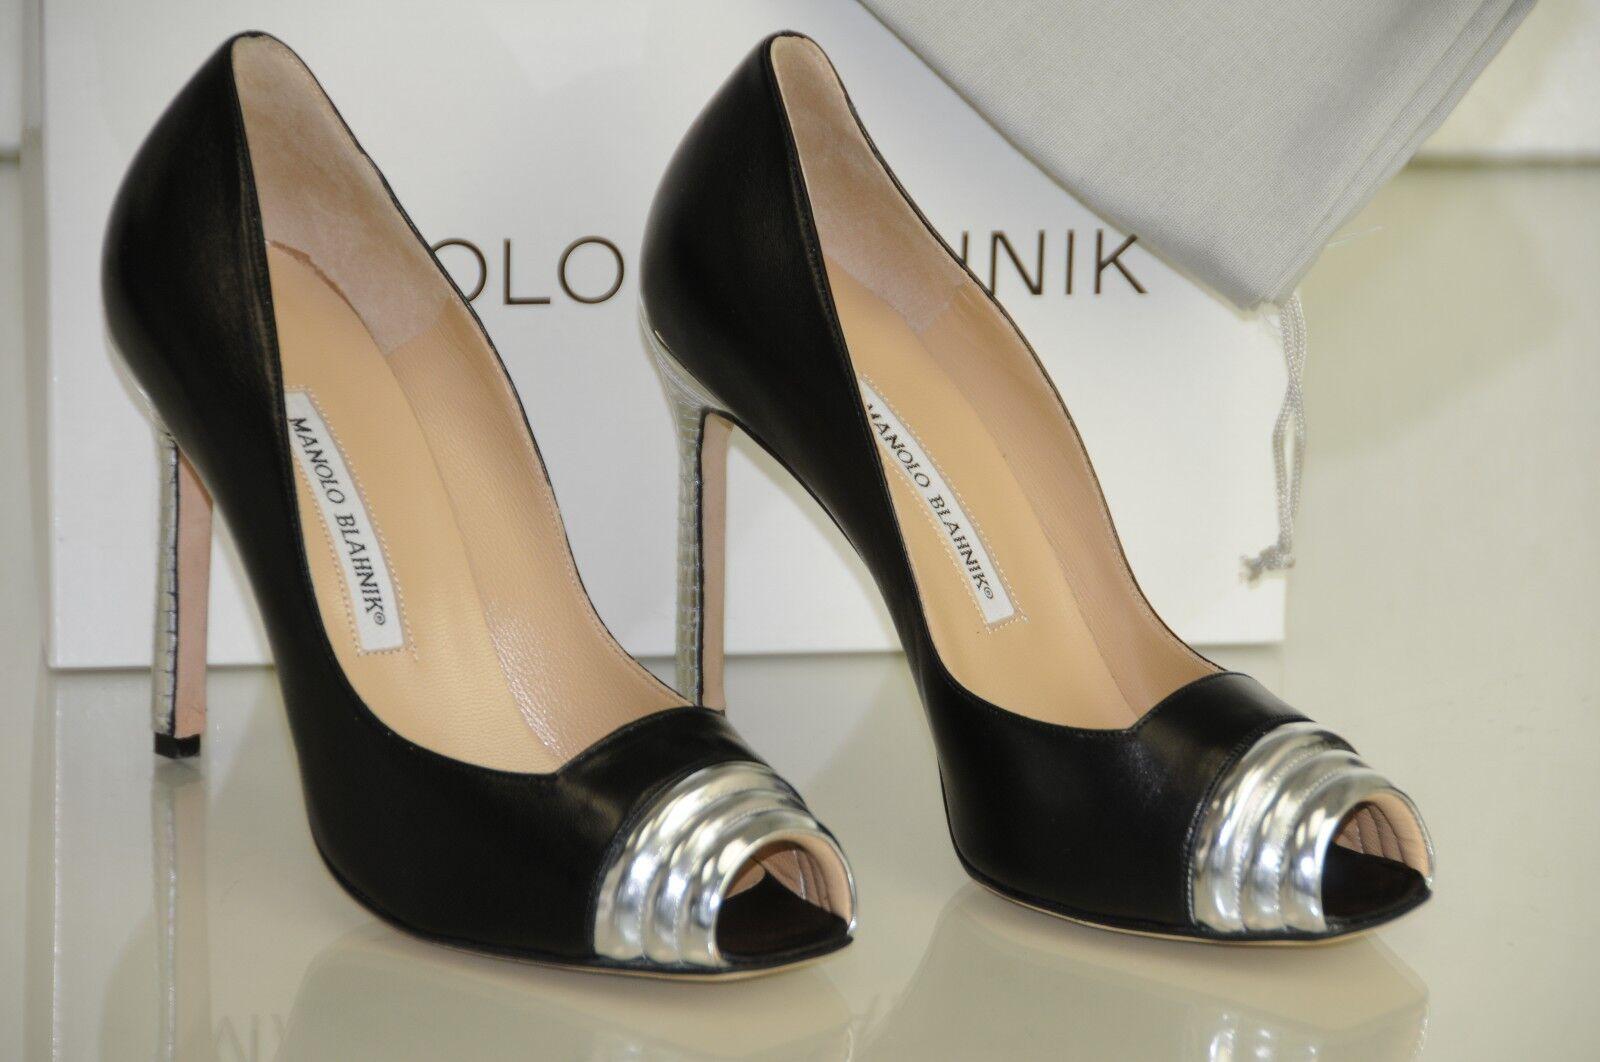 Nuevo Manolo Blahnik Toldamod Toldamod Toldamod Plata Cuero Negro Zapatos Peep Toe Tacones 40 9.5  la mejor oferta de tienda online